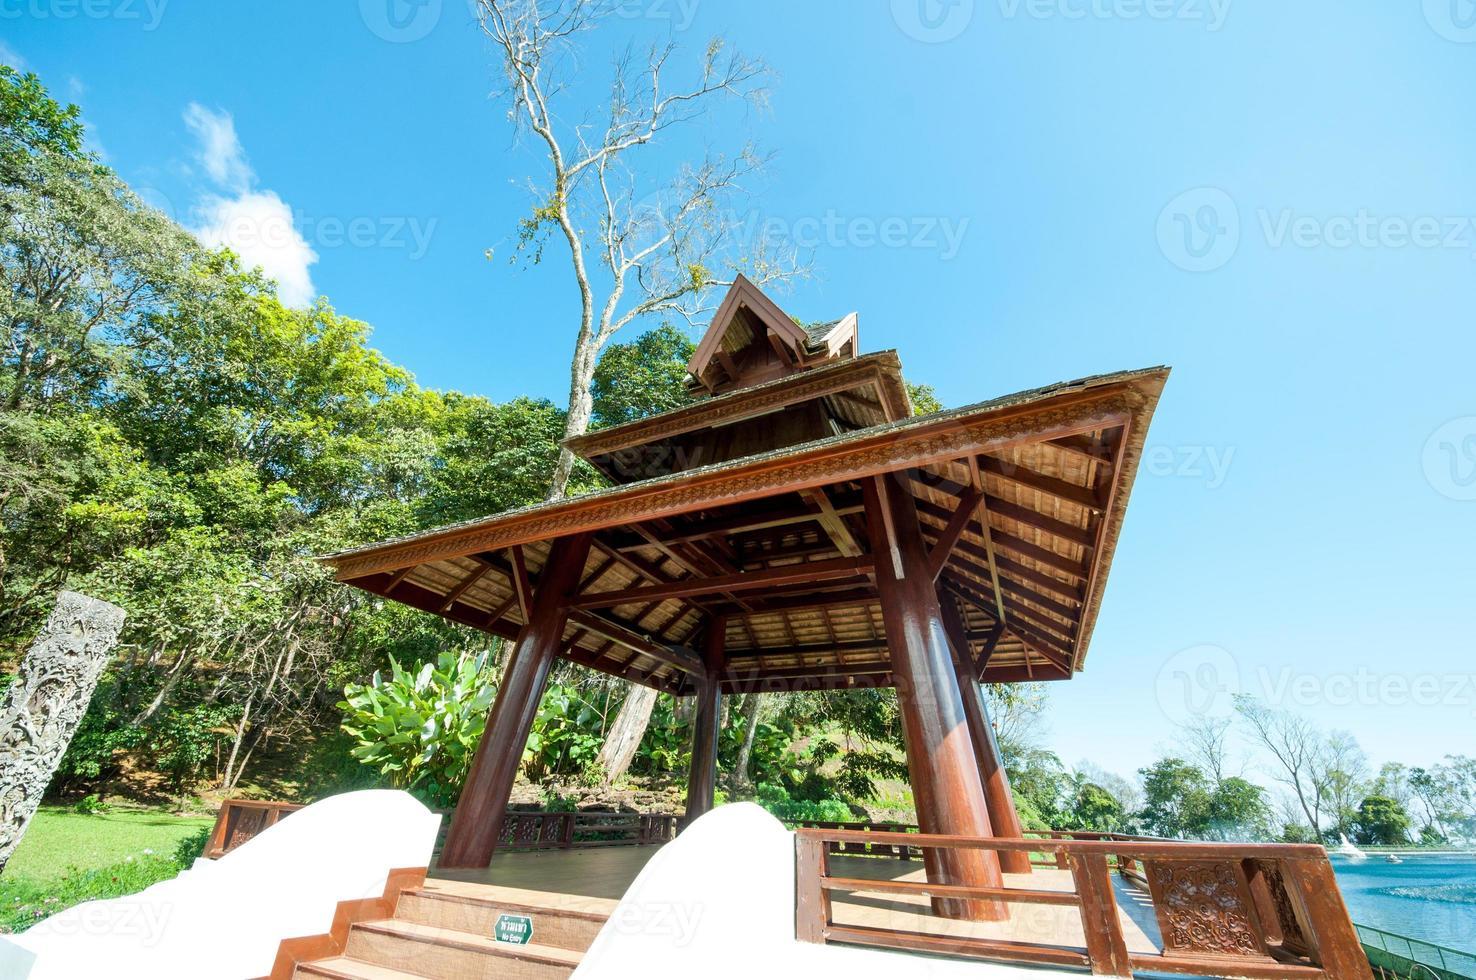 padiglione tailandese in un parco foto